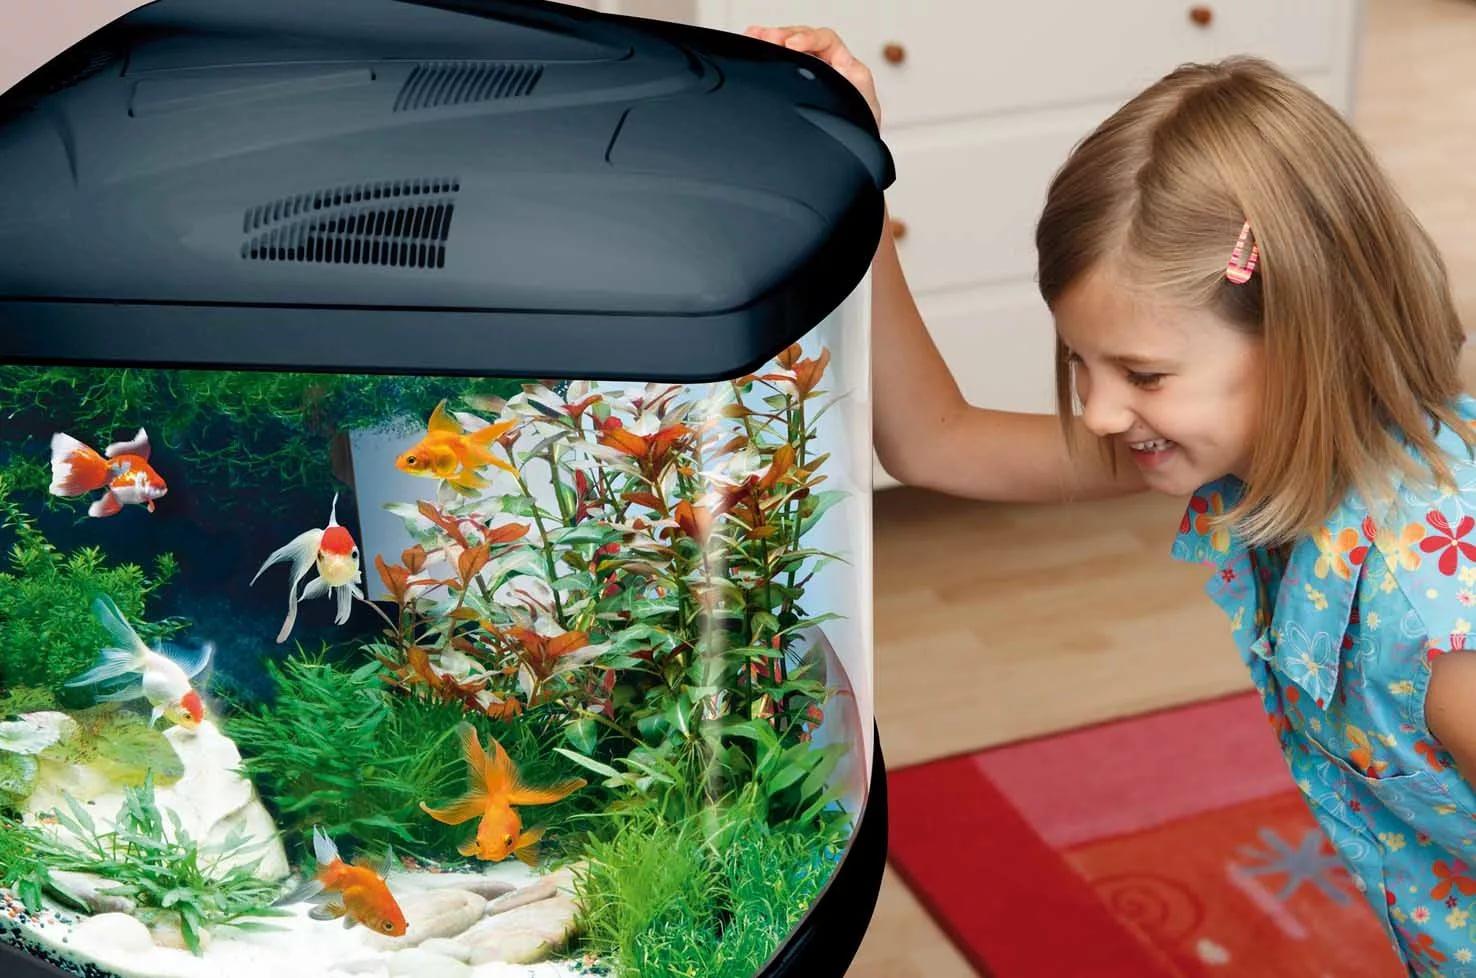 картинка кормить рыбок в аквариуме